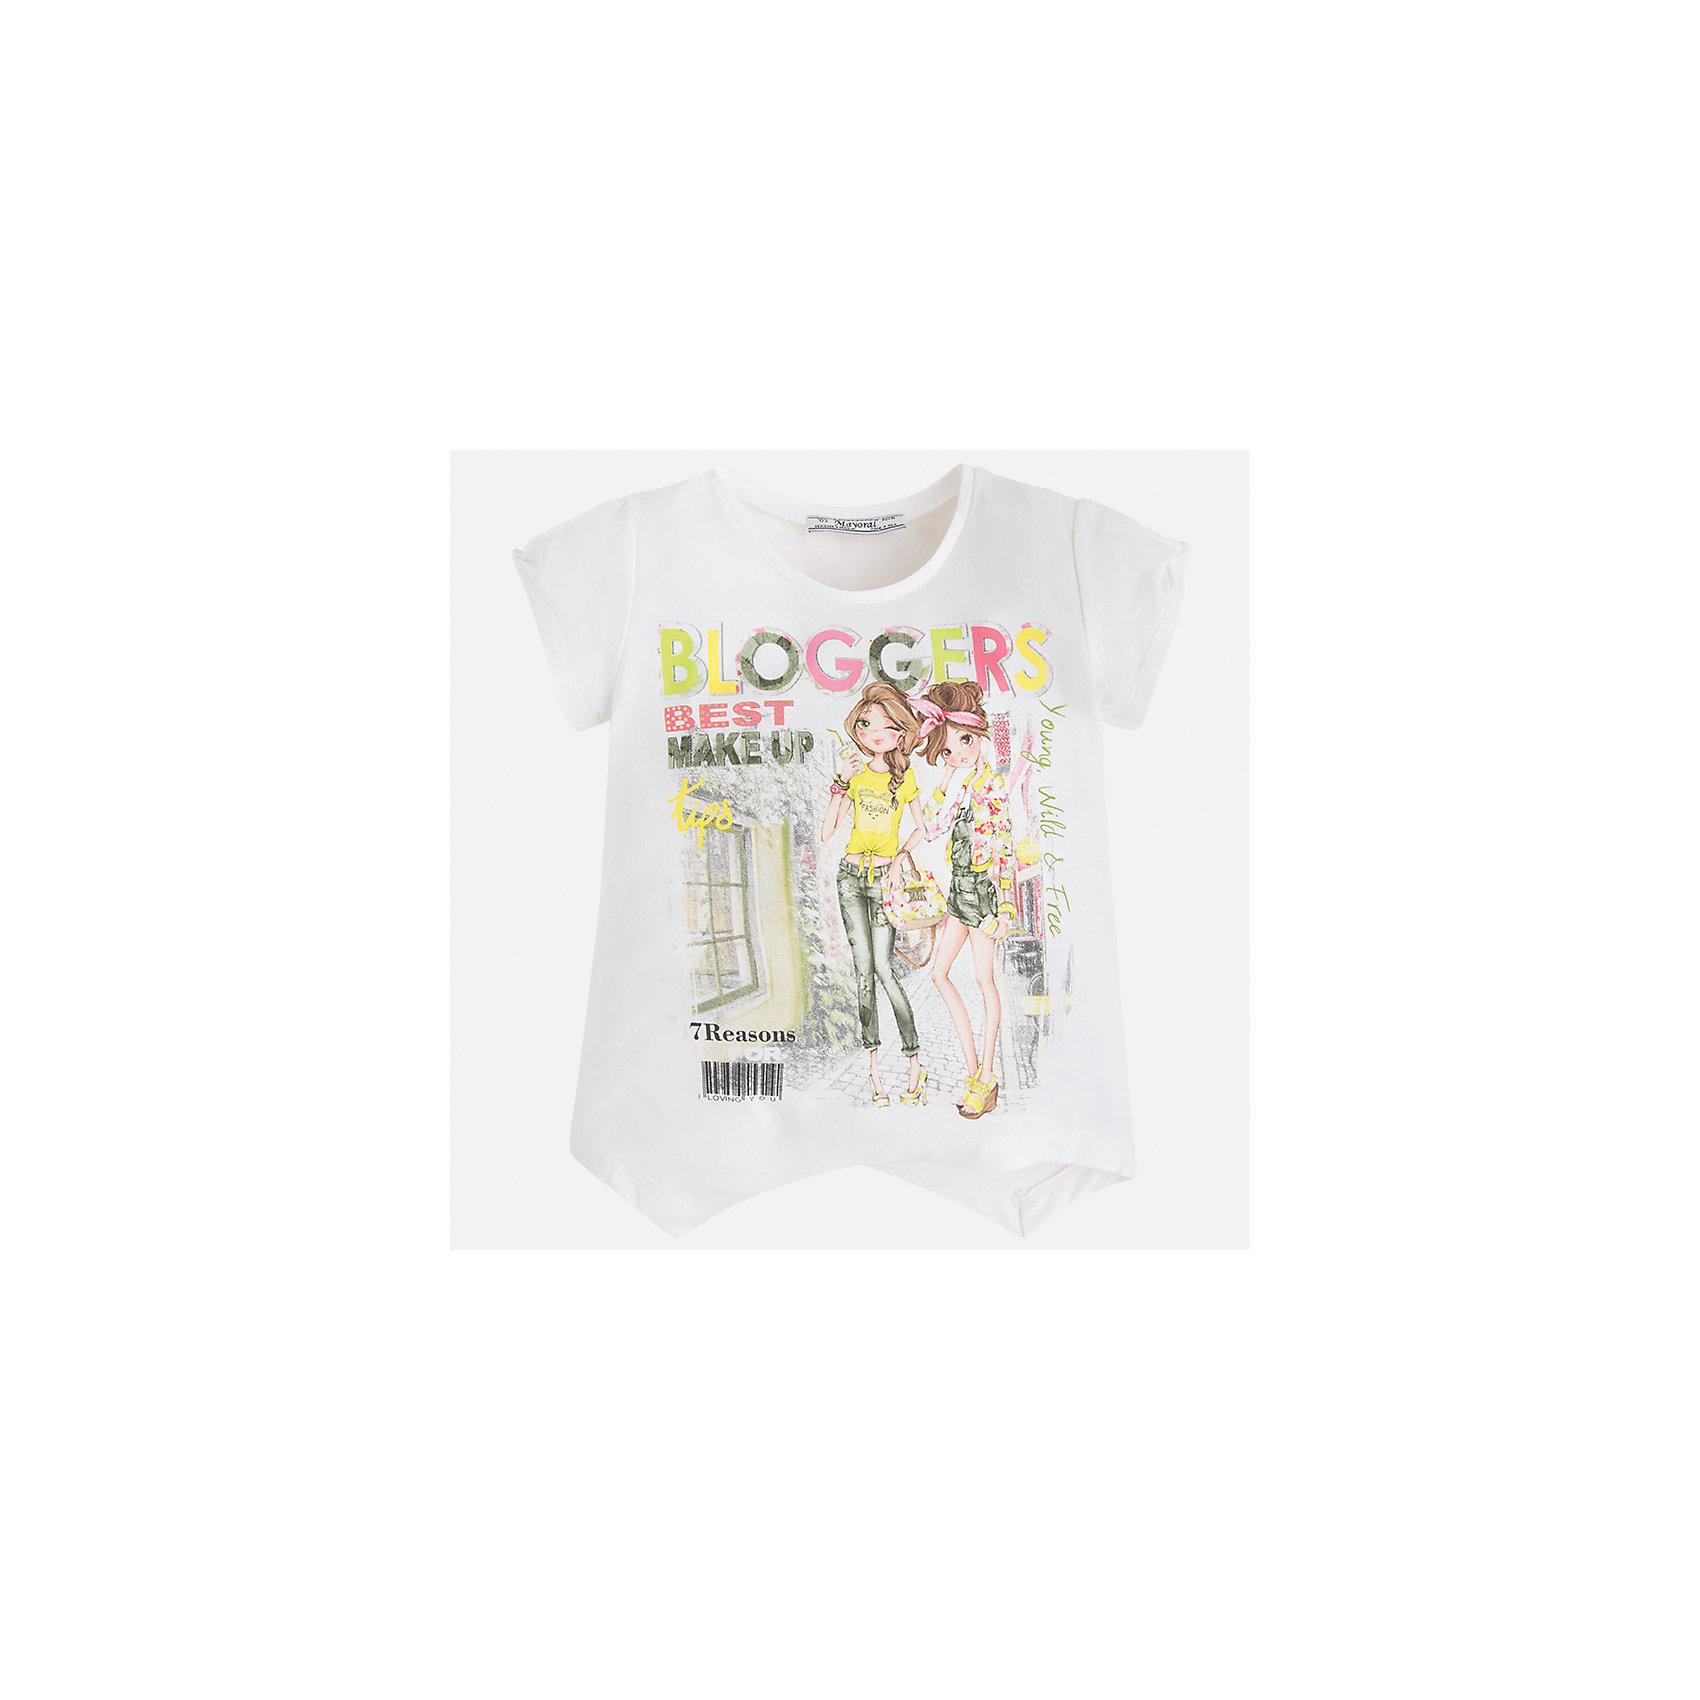 Футболка для девочки MayoralФутболки, поло и топы<br>Характеристики товара:<br><br>• цвет: белый<br>• состав: 92% хлопок, 8% эластан<br>• ассиметричный крой<br>• принт<br>• короткие рукава<br>• округлый горловой вырез<br>• страна бренда: Испания<br><br>Стильная качественная футболка для девочки поможет разнообразить гардероб ребенка и украсить наряд. Она отлично сочетается и с юбками, и с шортами, и с брюками. Универсальный цвет позволяет подобрать к вещи низ практически любой расцветки. Интересная отделка модели делает её нарядной и оригинальной. В составе ткани преобладает натуральный хлопок, гипоаллергенный, приятный на ощупь, дышащий.<br><br>Одежда, обувь и аксессуары от испанского бренда Mayoral полюбились детям и взрослым по всему миру. Модели этой марки - стильные и удобные. Для их производства используются только безопасные, качественные материалы и фурнитура. Порадуйте ребенка модными и красивыми вещами от Mayoral! <br><br>Футболку для девочки от испанского бренда Mayoral (Майорал) можно купить в нашем интернет-магазине.<br><br>Ширина мм: 199<br>Глубина мм: 10<br>Высота мм: 161<br>Вес г: 151<br>Цвет: зеленый<br>Возраст от месяцев: 96<br>Возраст до месяцев: 108<br>Пол: Женский<br>Возраст: Детский<br>Размер: 134,92,98,104,110,116,122,128<br>SKU: 5289397